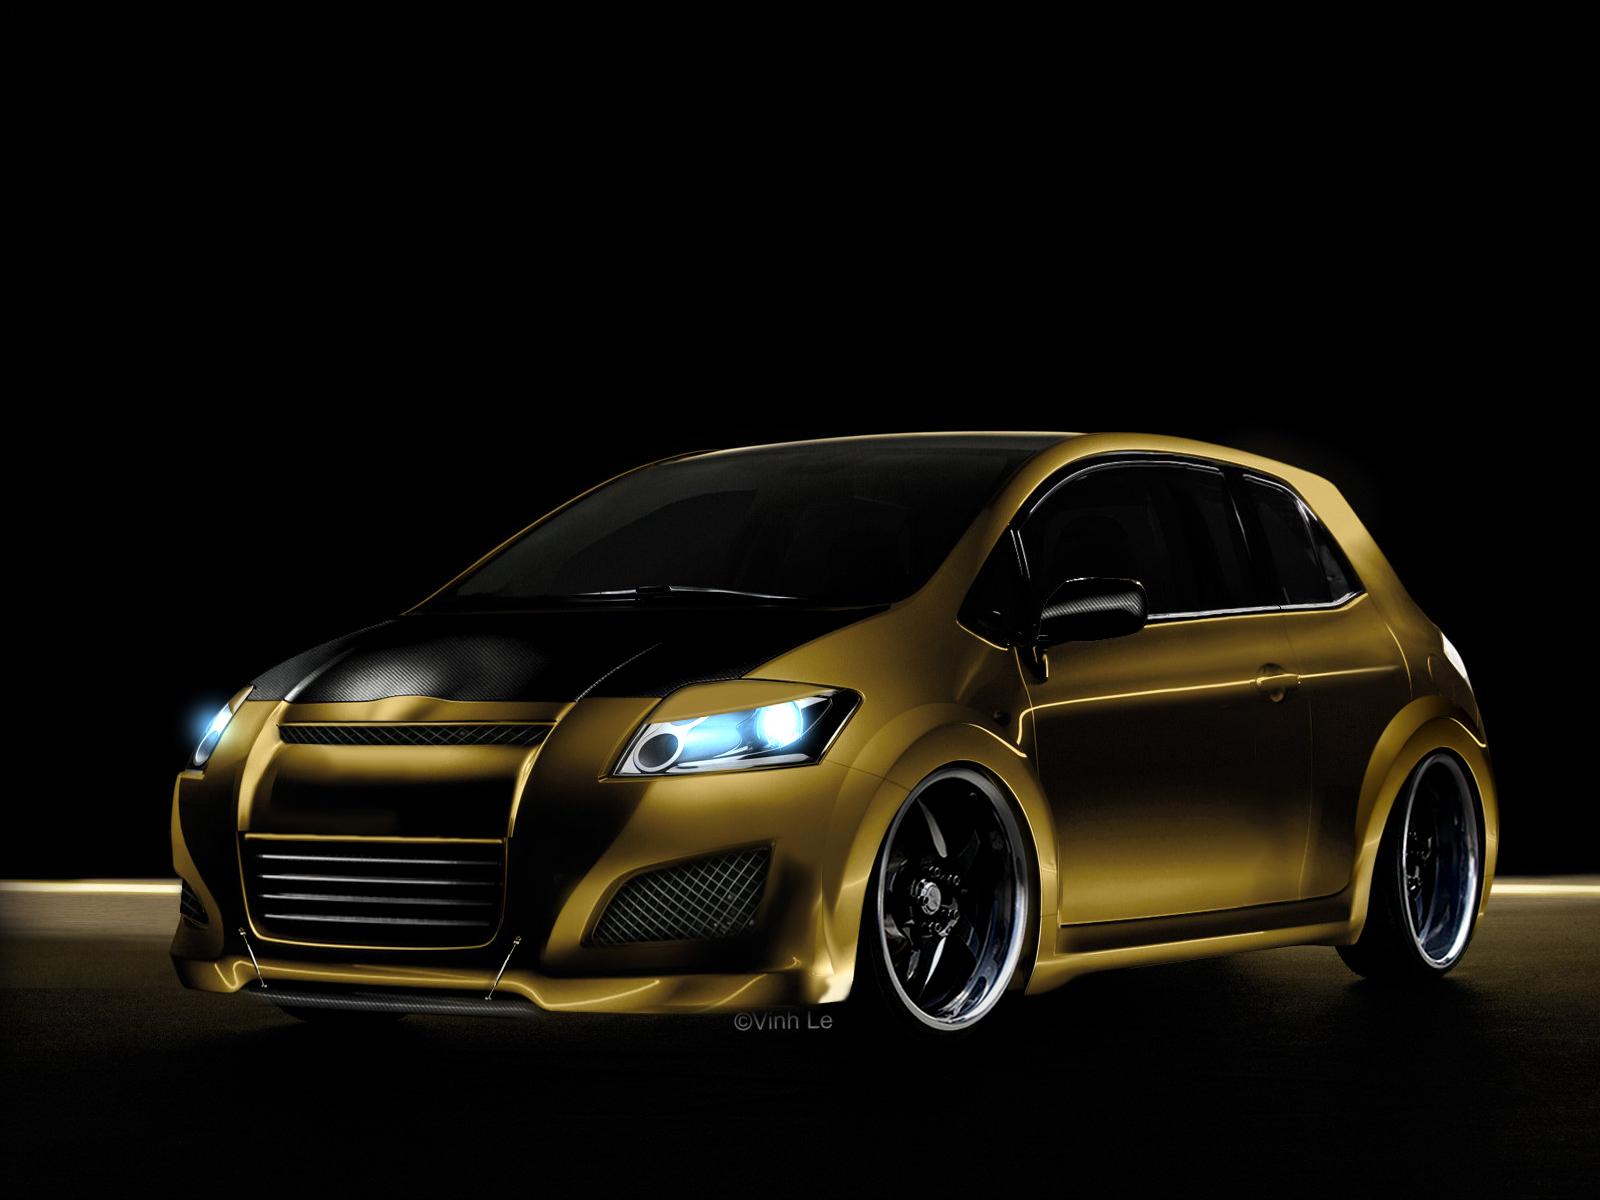 Mot : Toyota auris concept - Images, définitions et Exemples